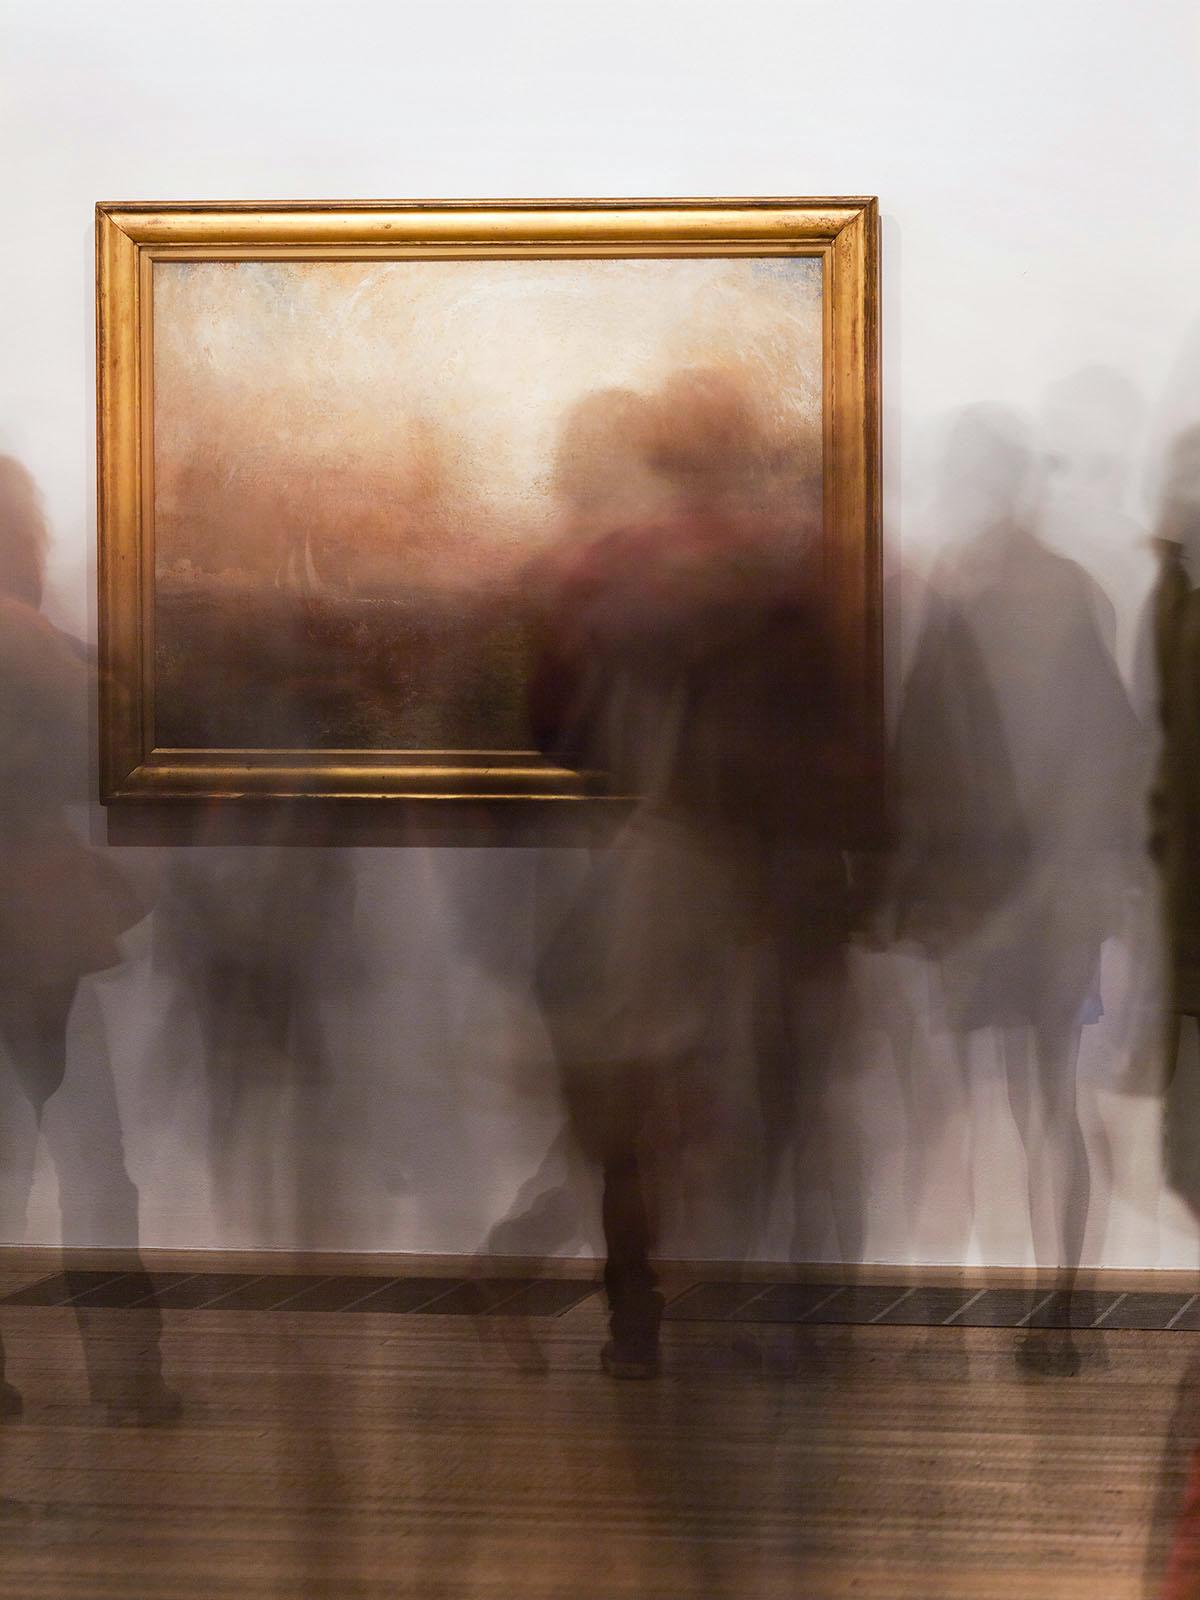 Turner, Tate Modern, London (2012)